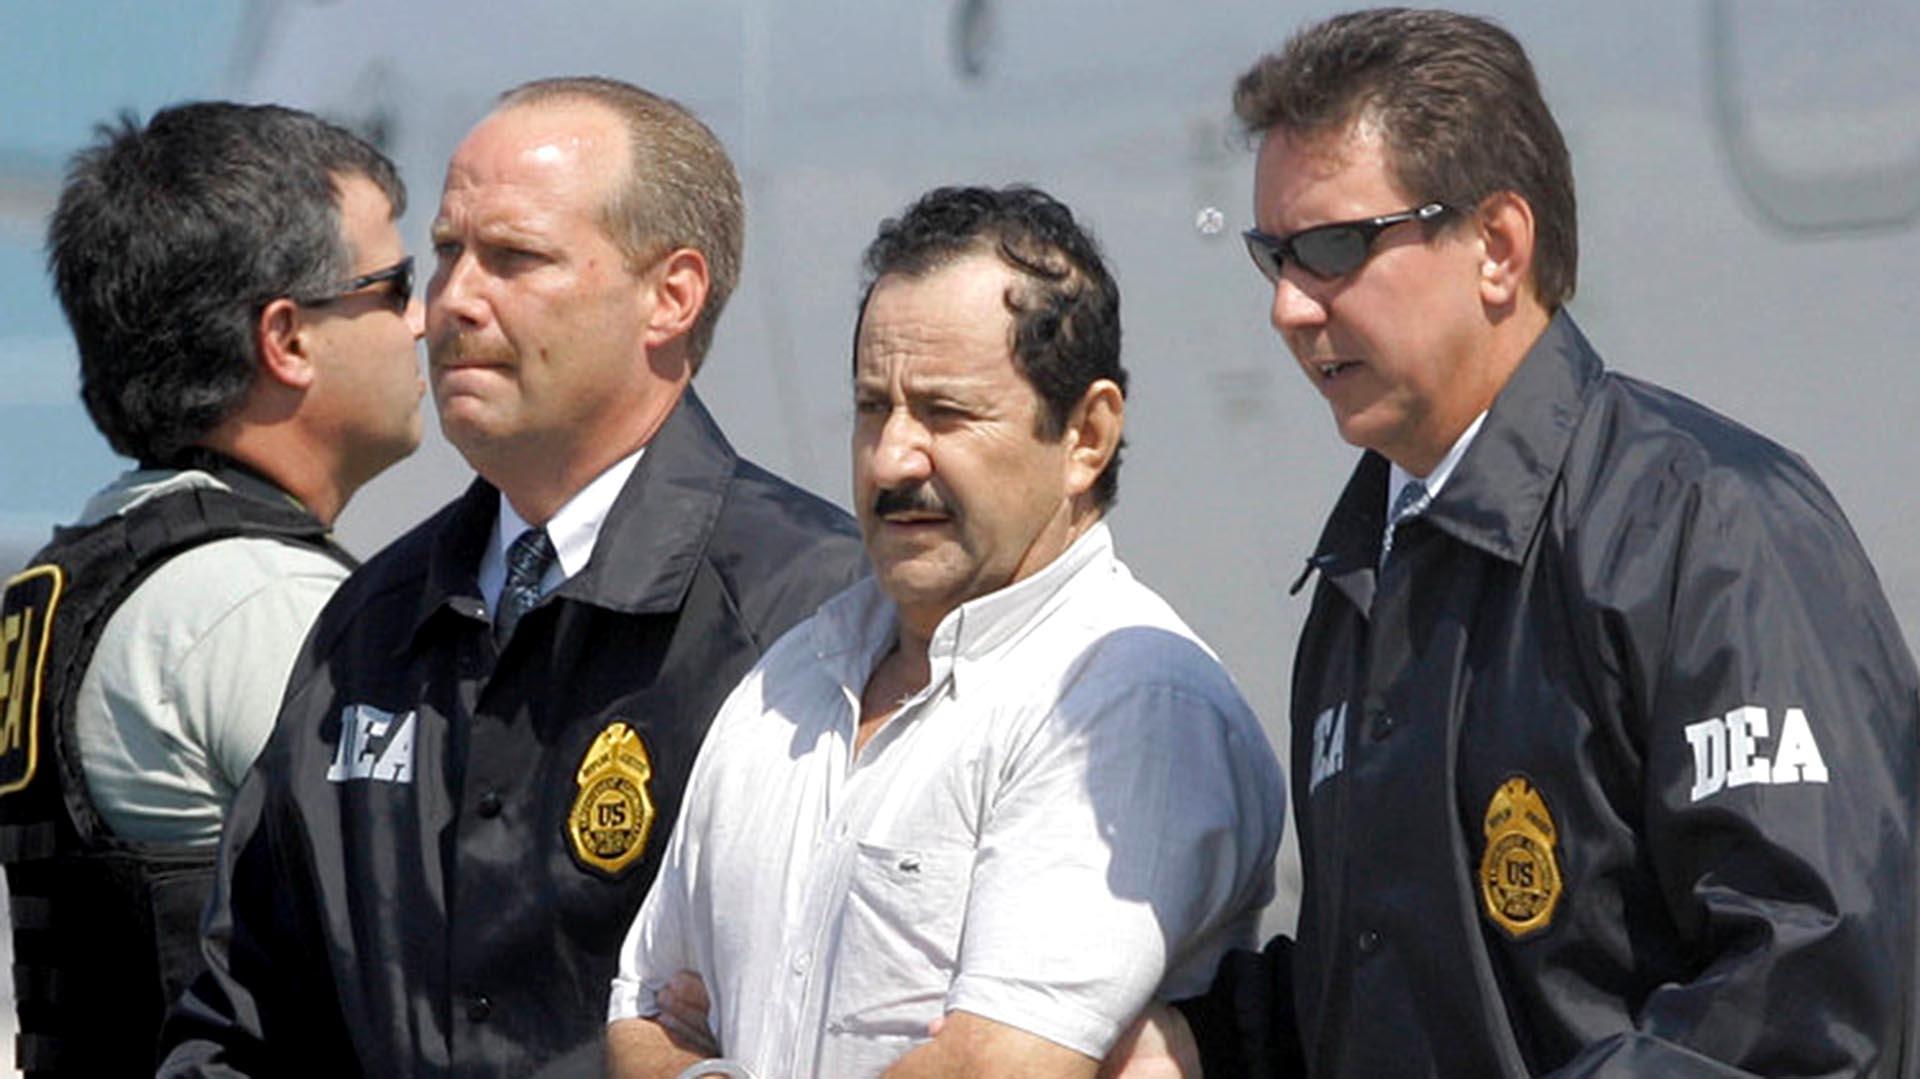 El exjefe paramilitar fue condenado a 16 años de cárcel en Estados Unidos por cargos de narcotráfico.